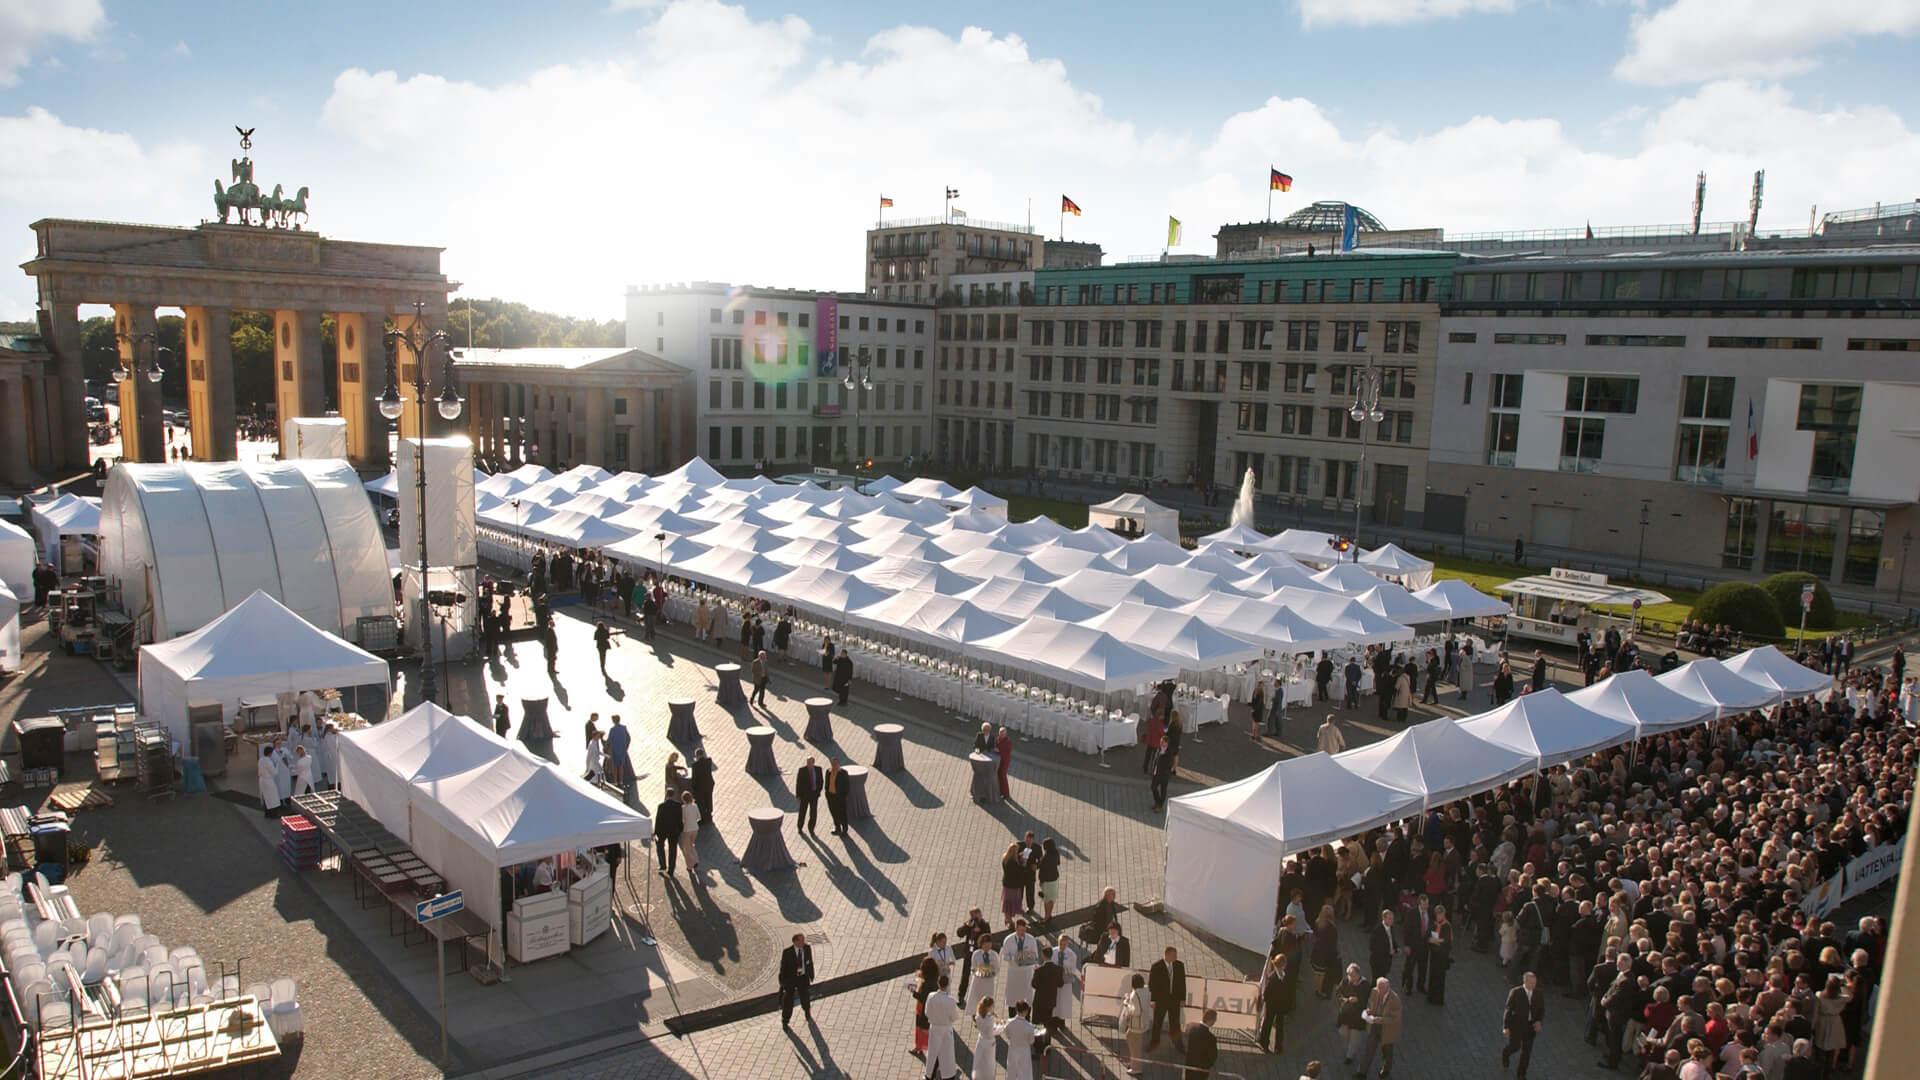 Viele weiße Faltpavillons in Berlin vor dem Brandenburger Tor.